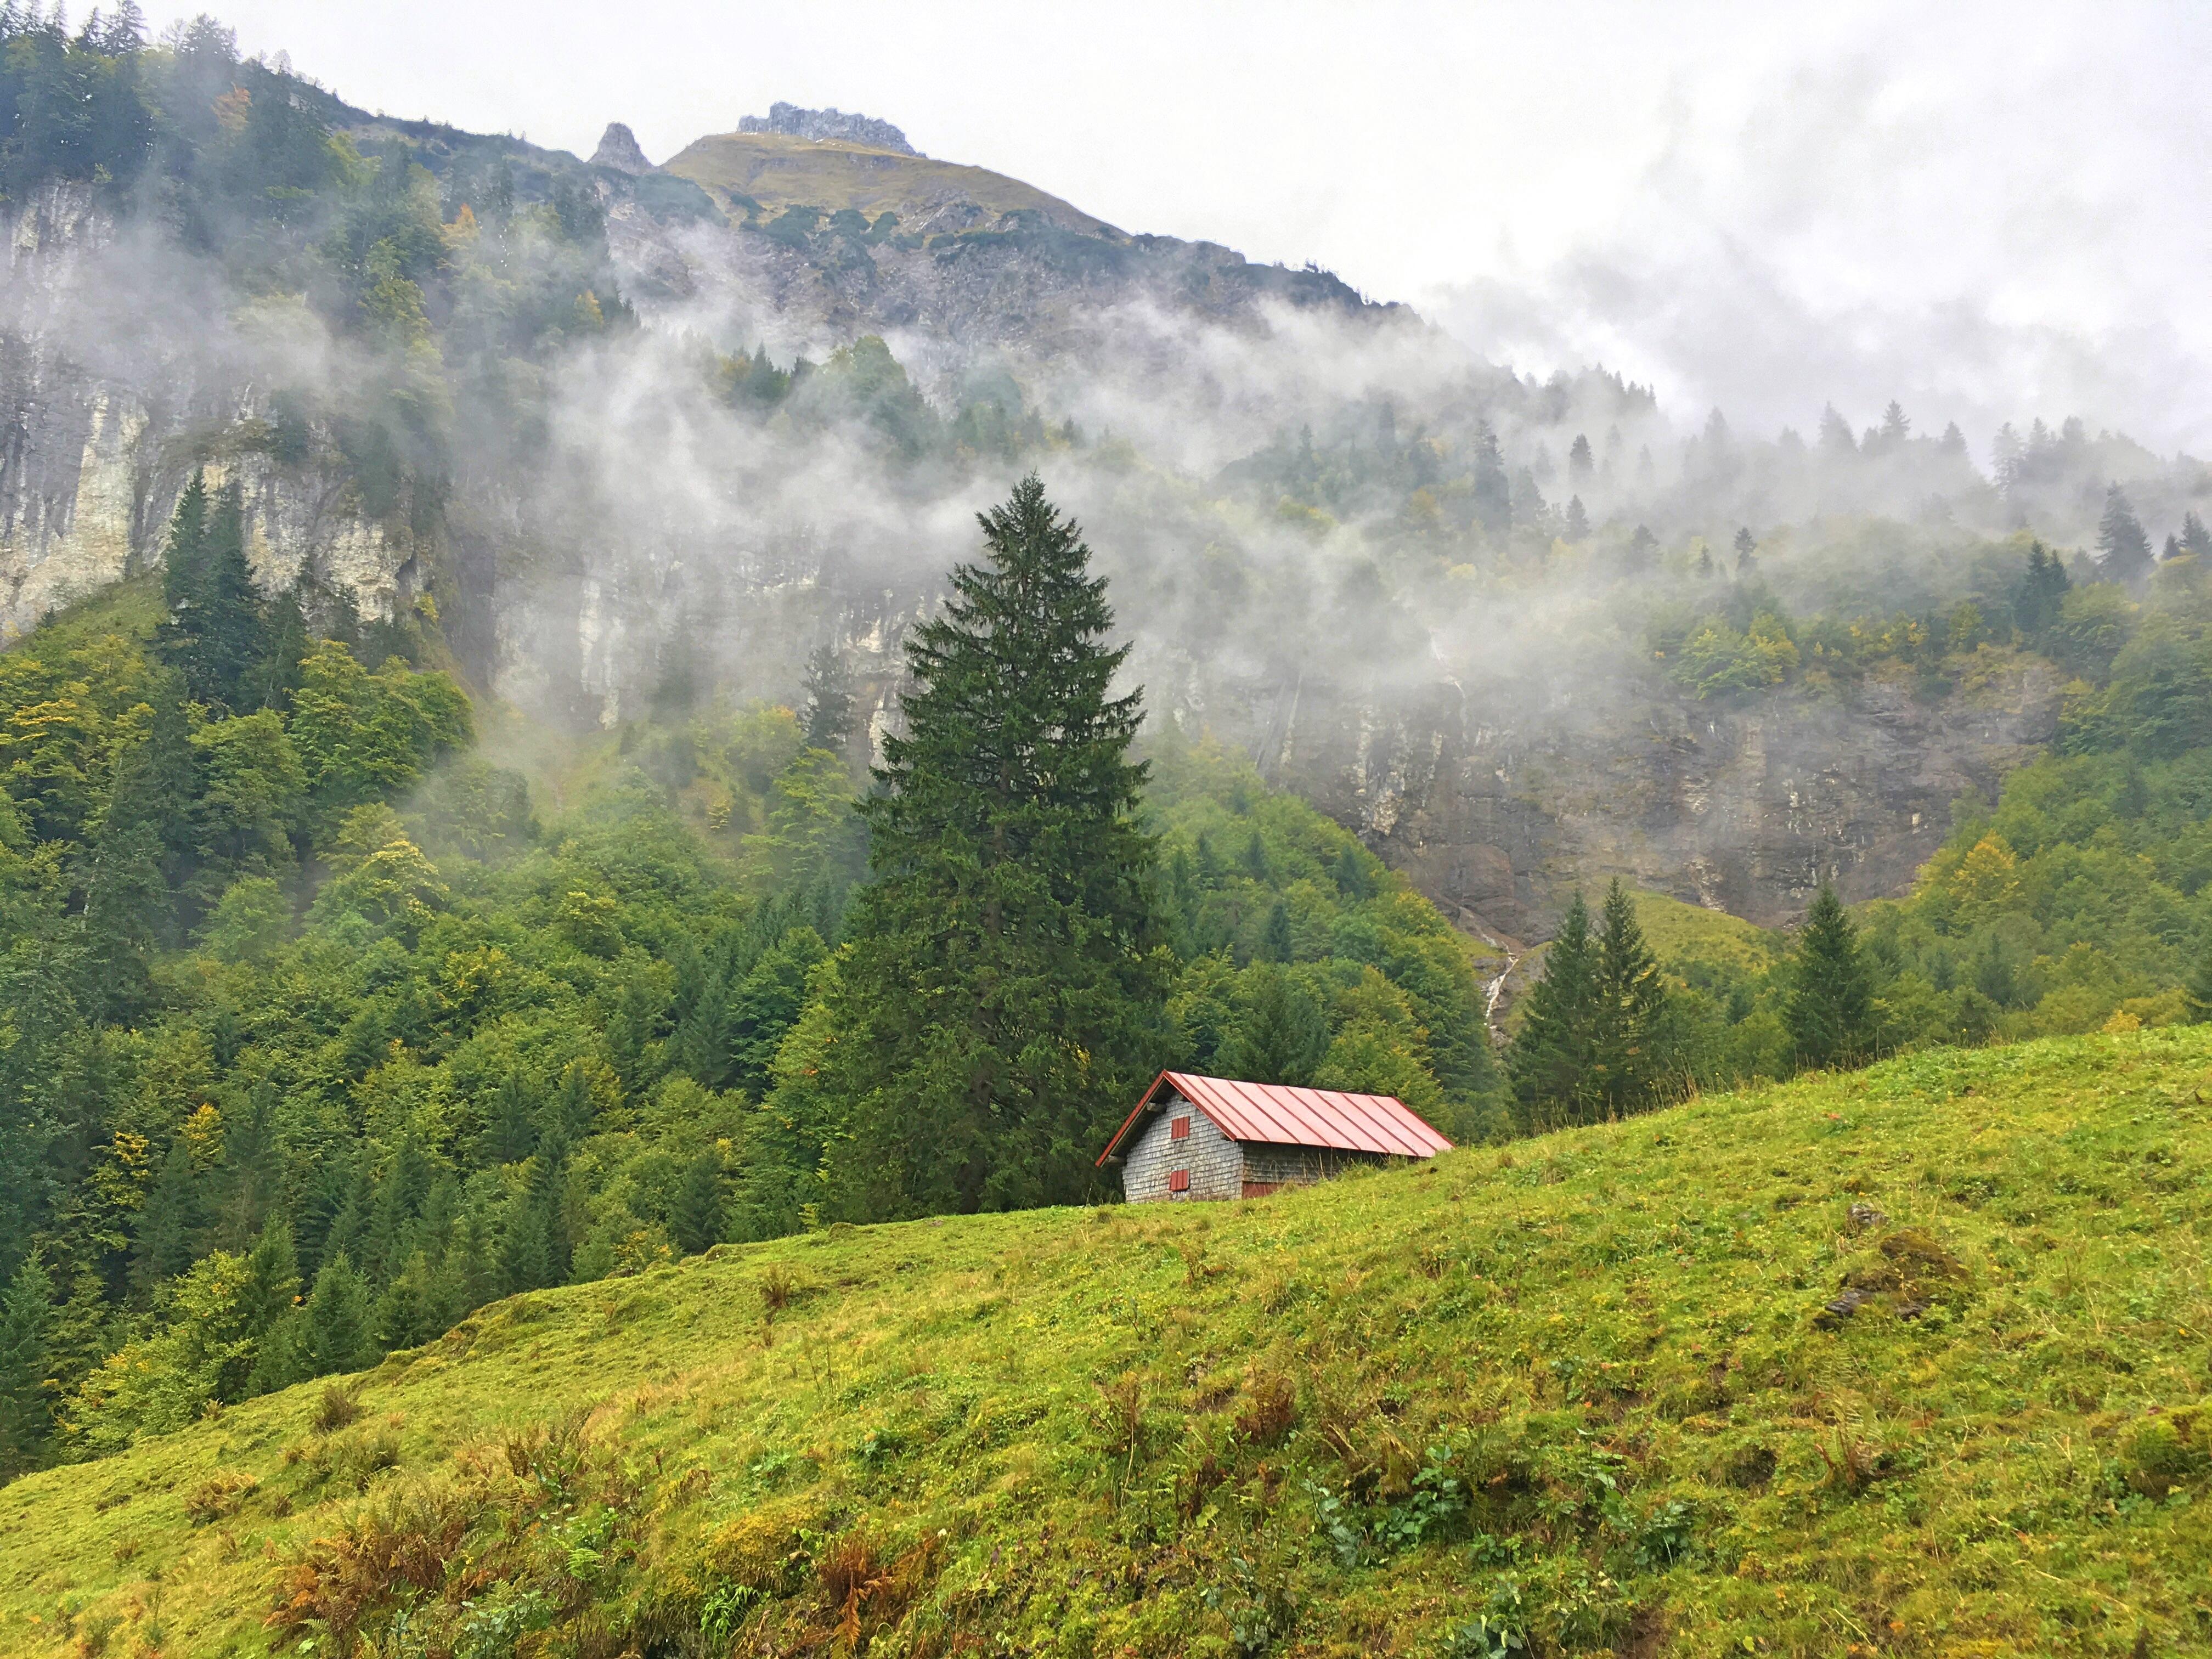 Bergtour Hochvogel: Die erste Etappe führt durch einen idyllischen Wald und vorbei an Wasserfällen.